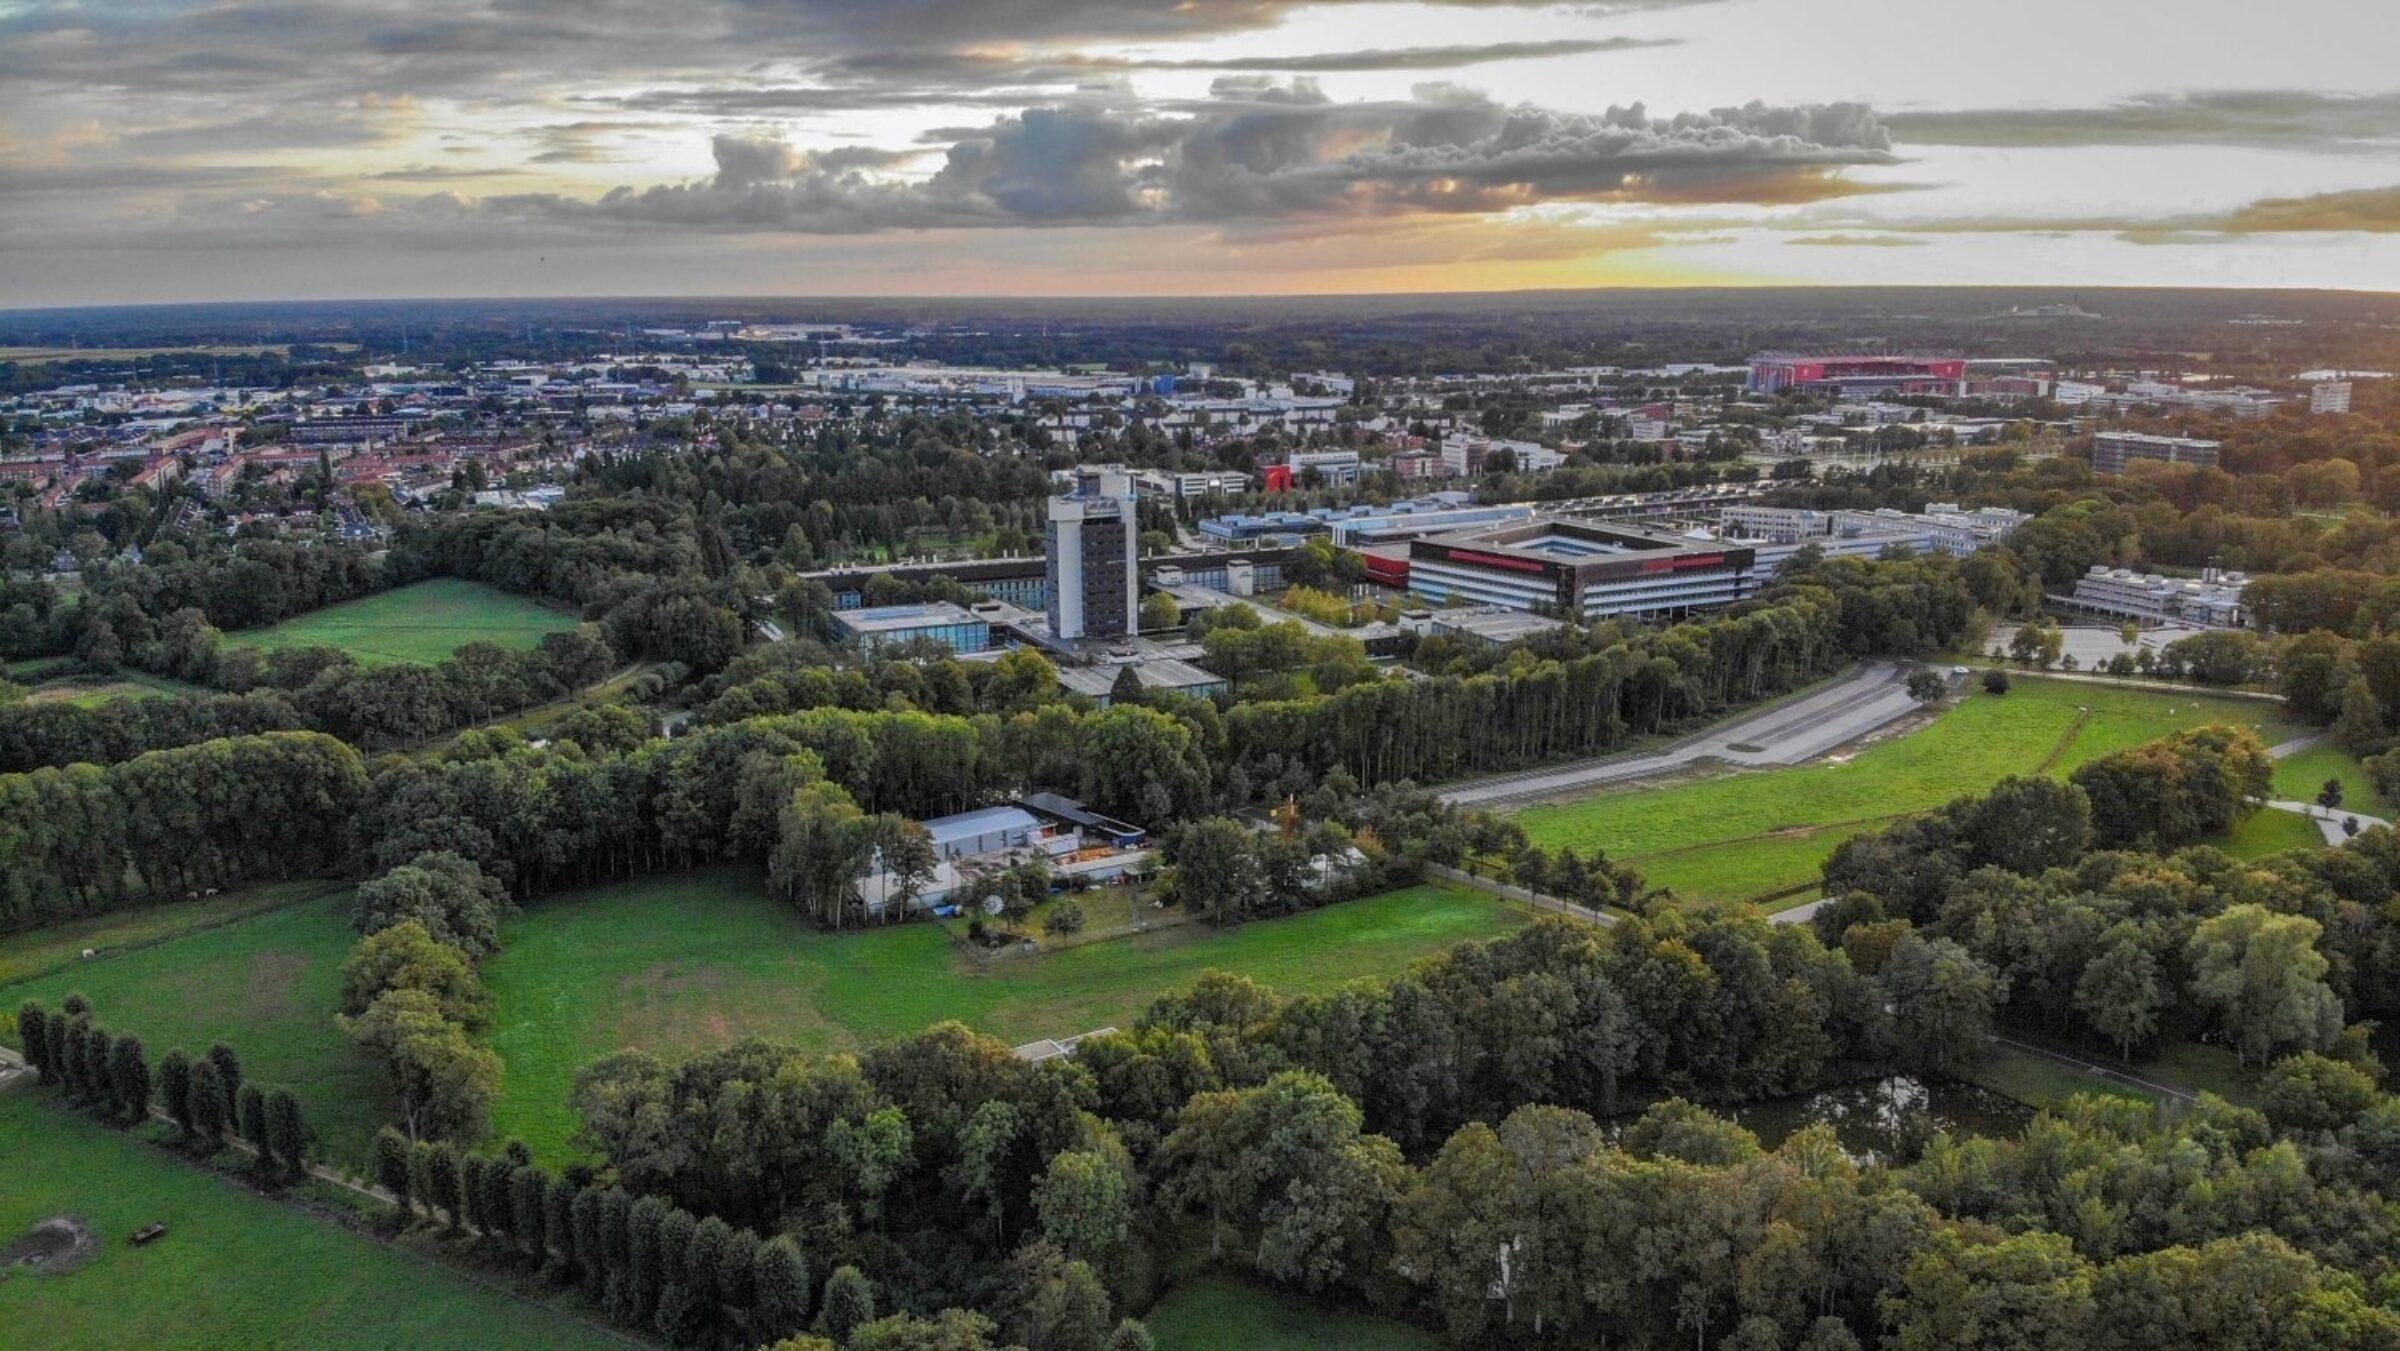 University of Twente campus